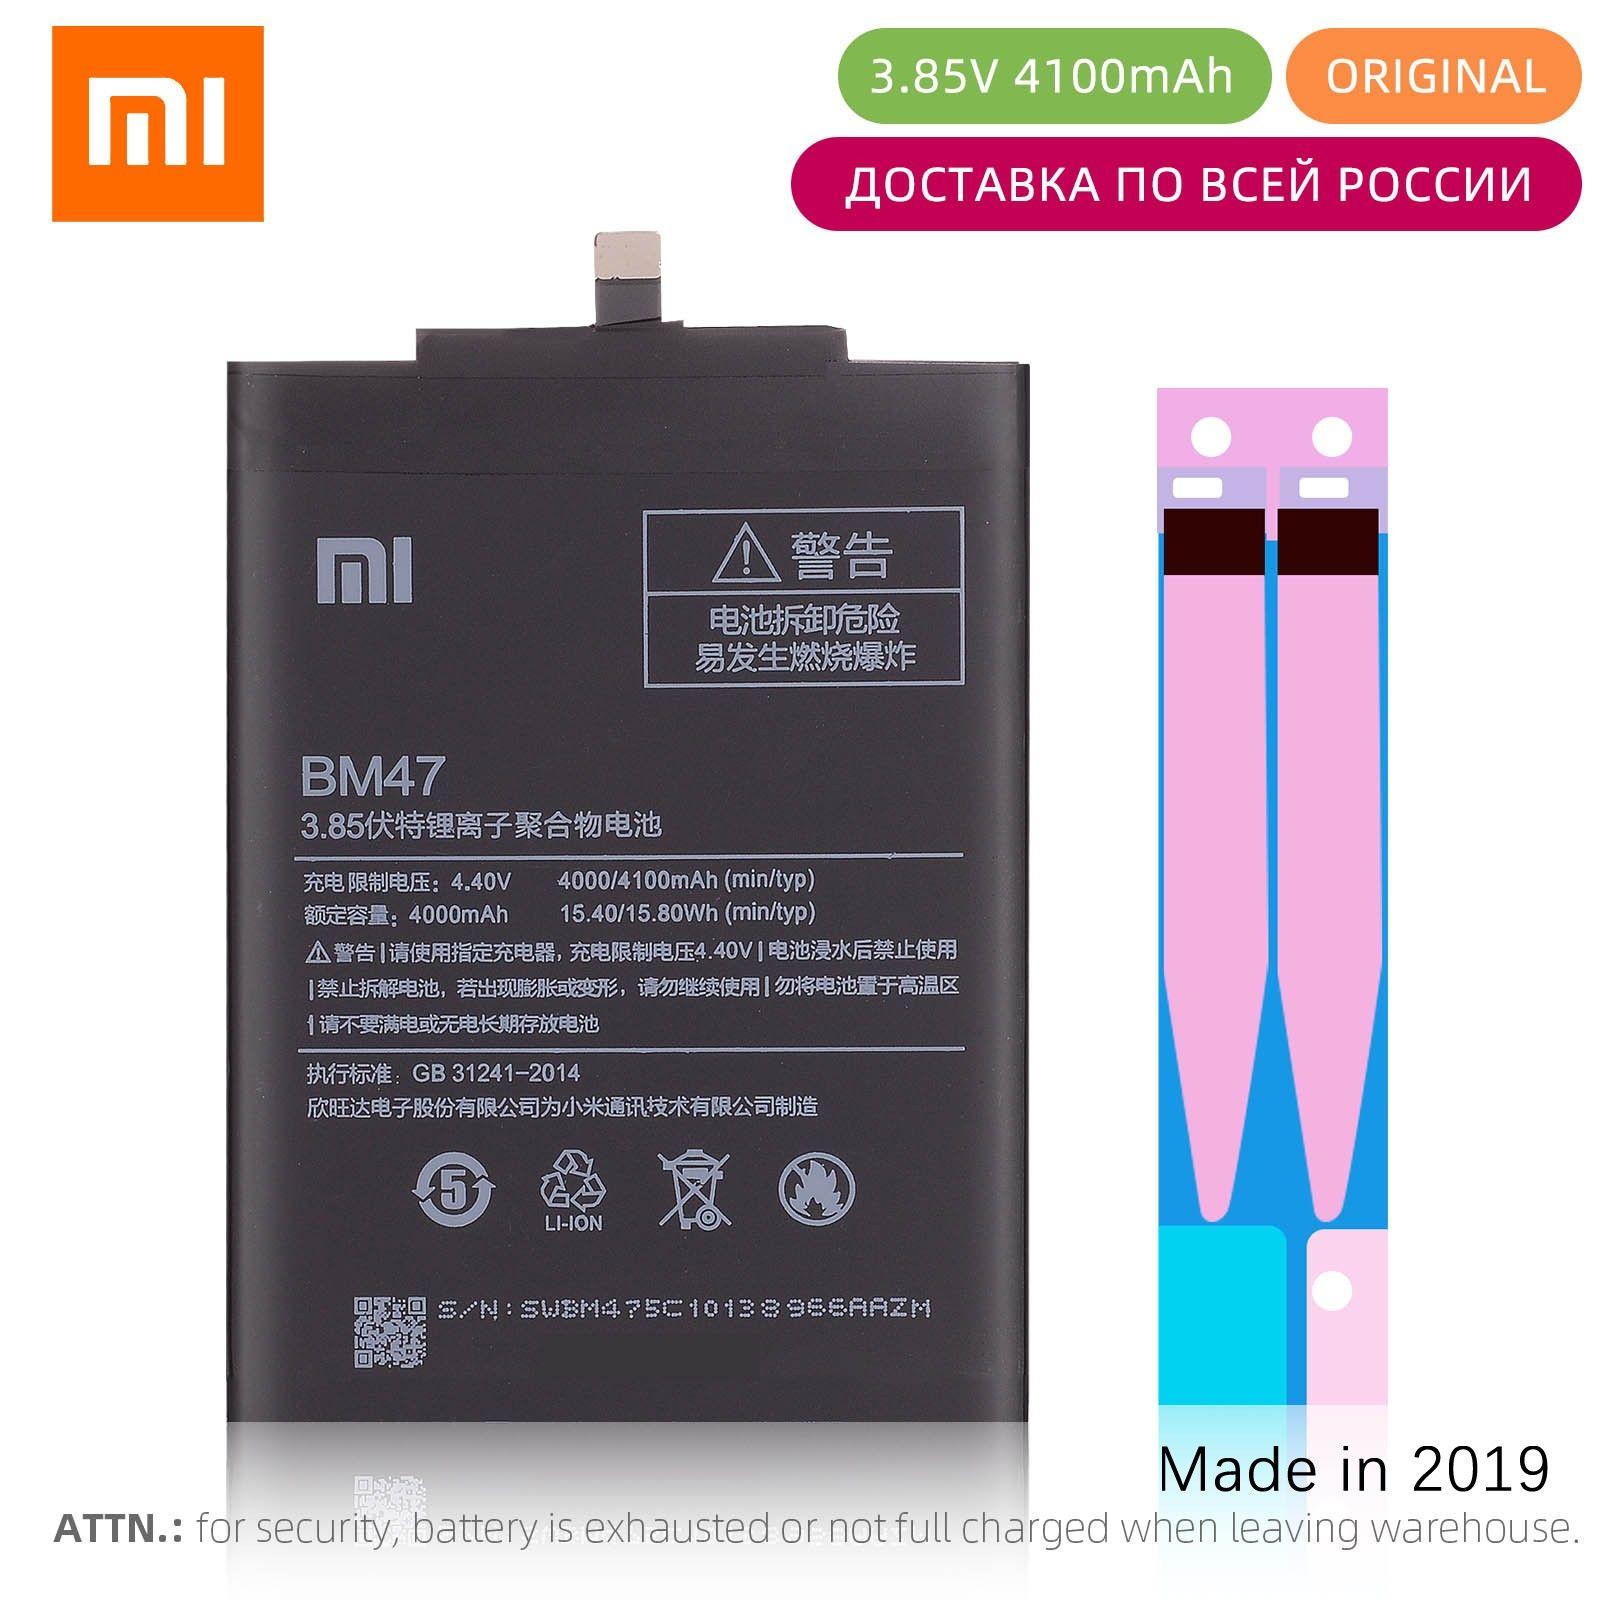 BM47 4000mAh For XIAOMI Redmi 4X Battery Original Xiaomi Redmi 3S Battery Redmi 3 3 Pro 3X 4X Pro 4X Prime Replacement BM 47